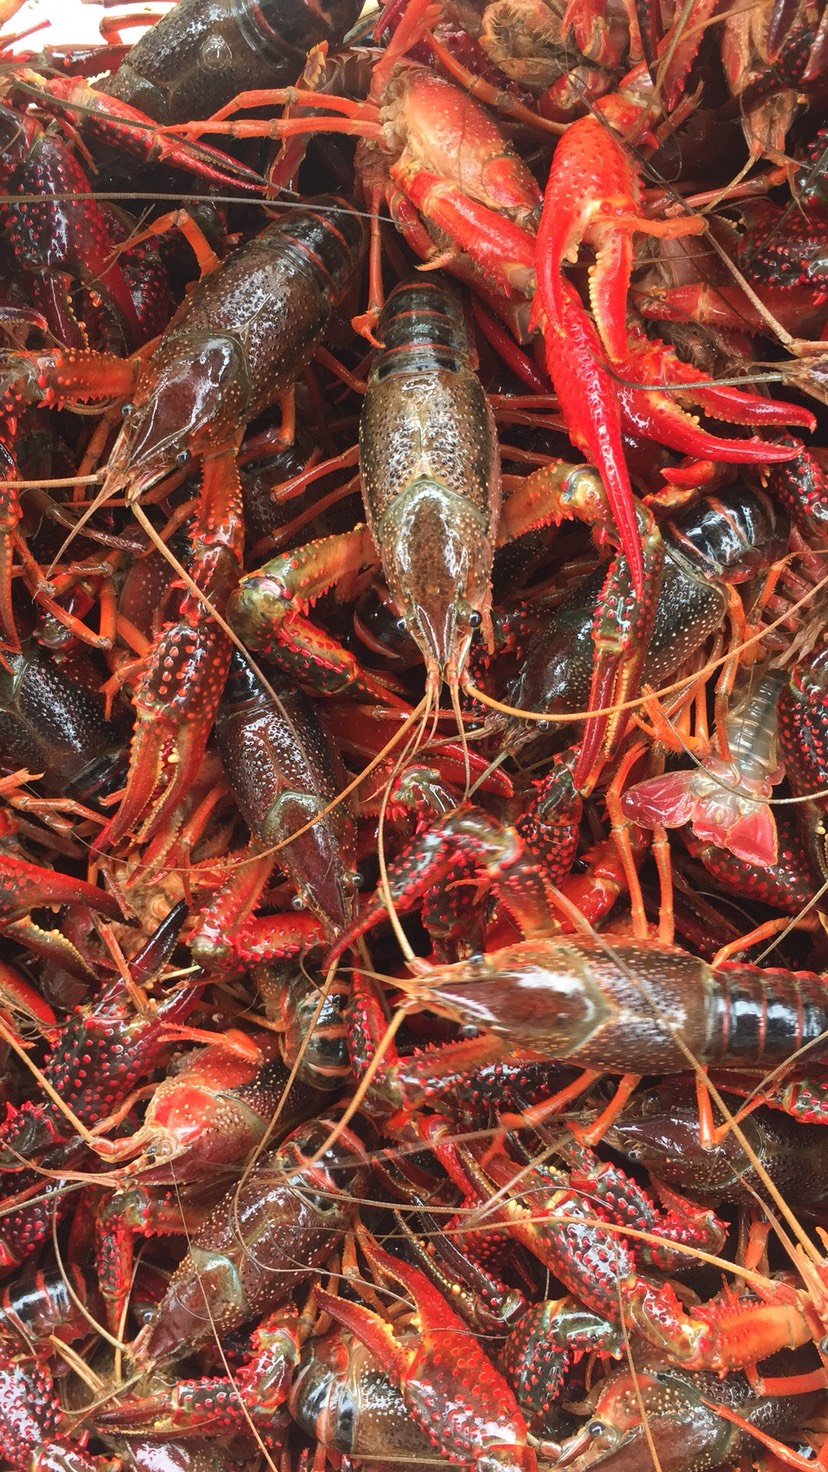 大量中红大红全新上市硬规格湖北小龙虾肉质饱满清澈淡水养殖